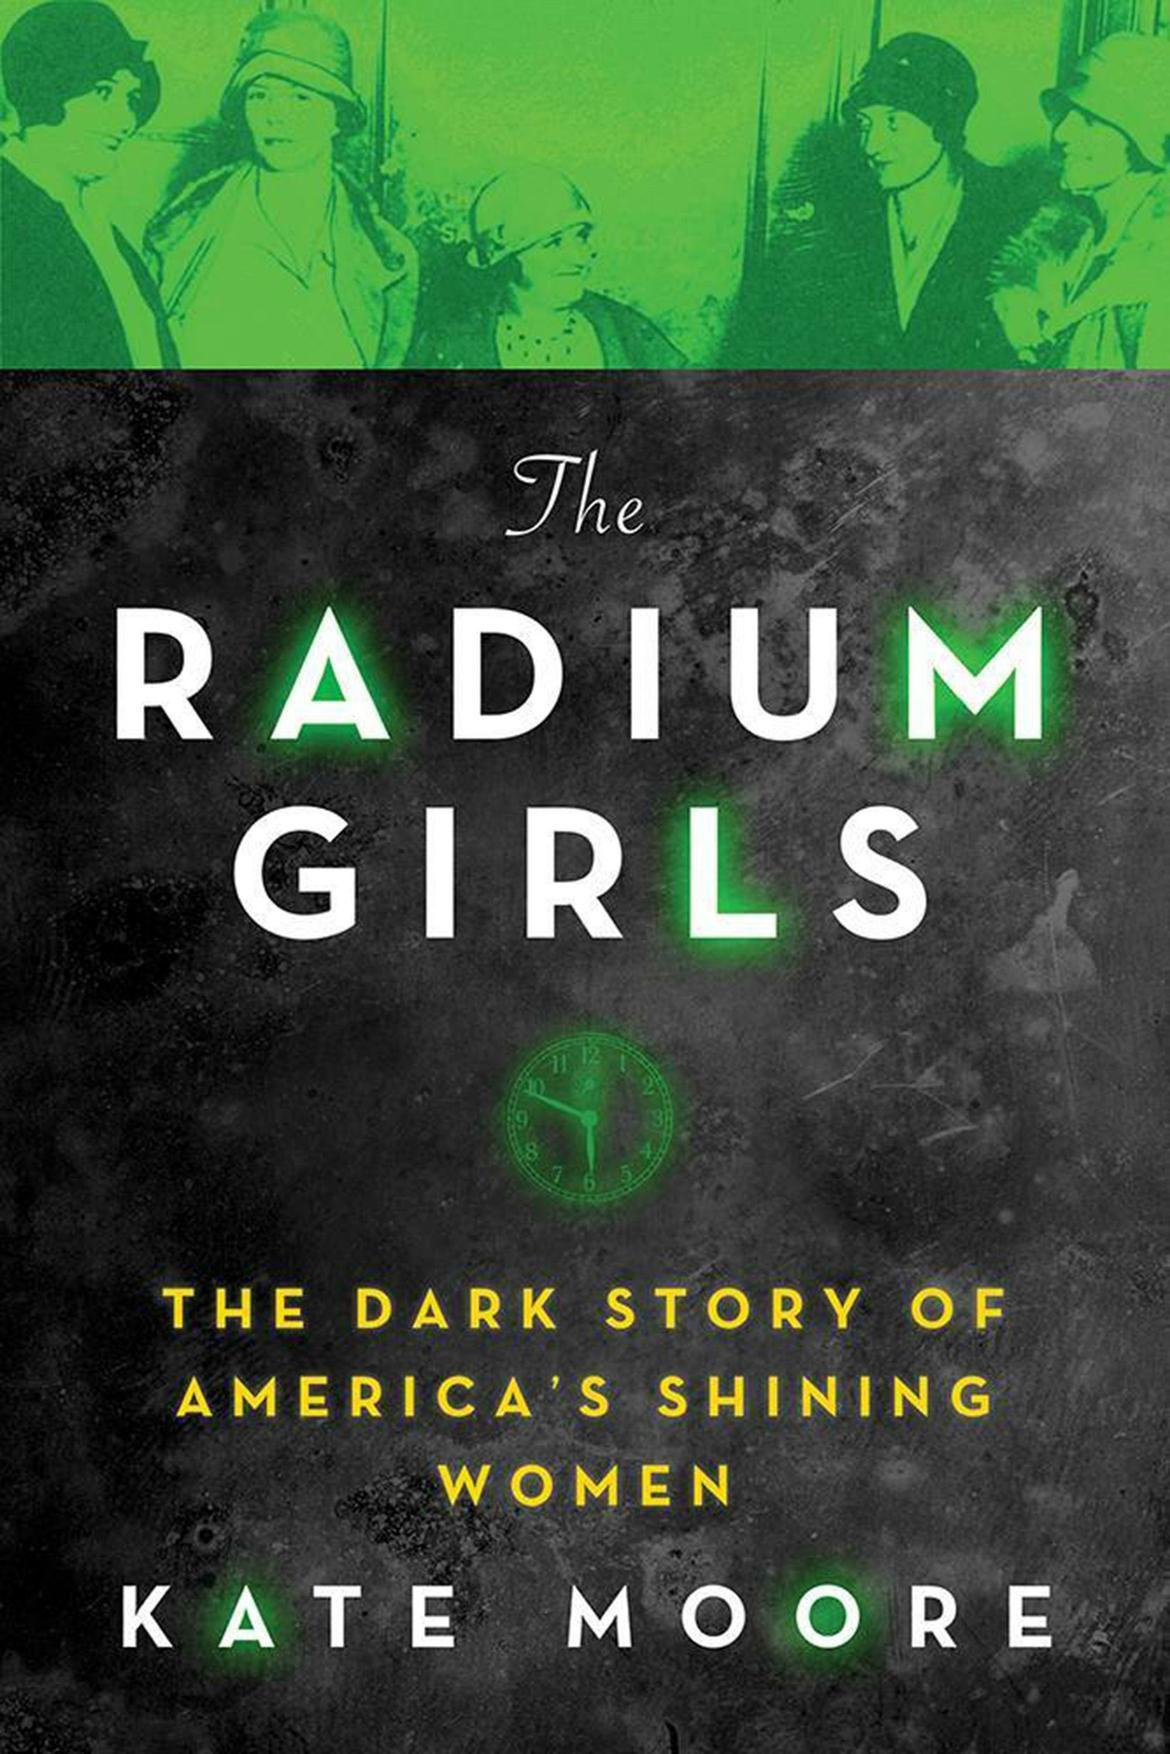 The Radium Girls- The Dark Story of America's Shining Women byKate Moore.jpg